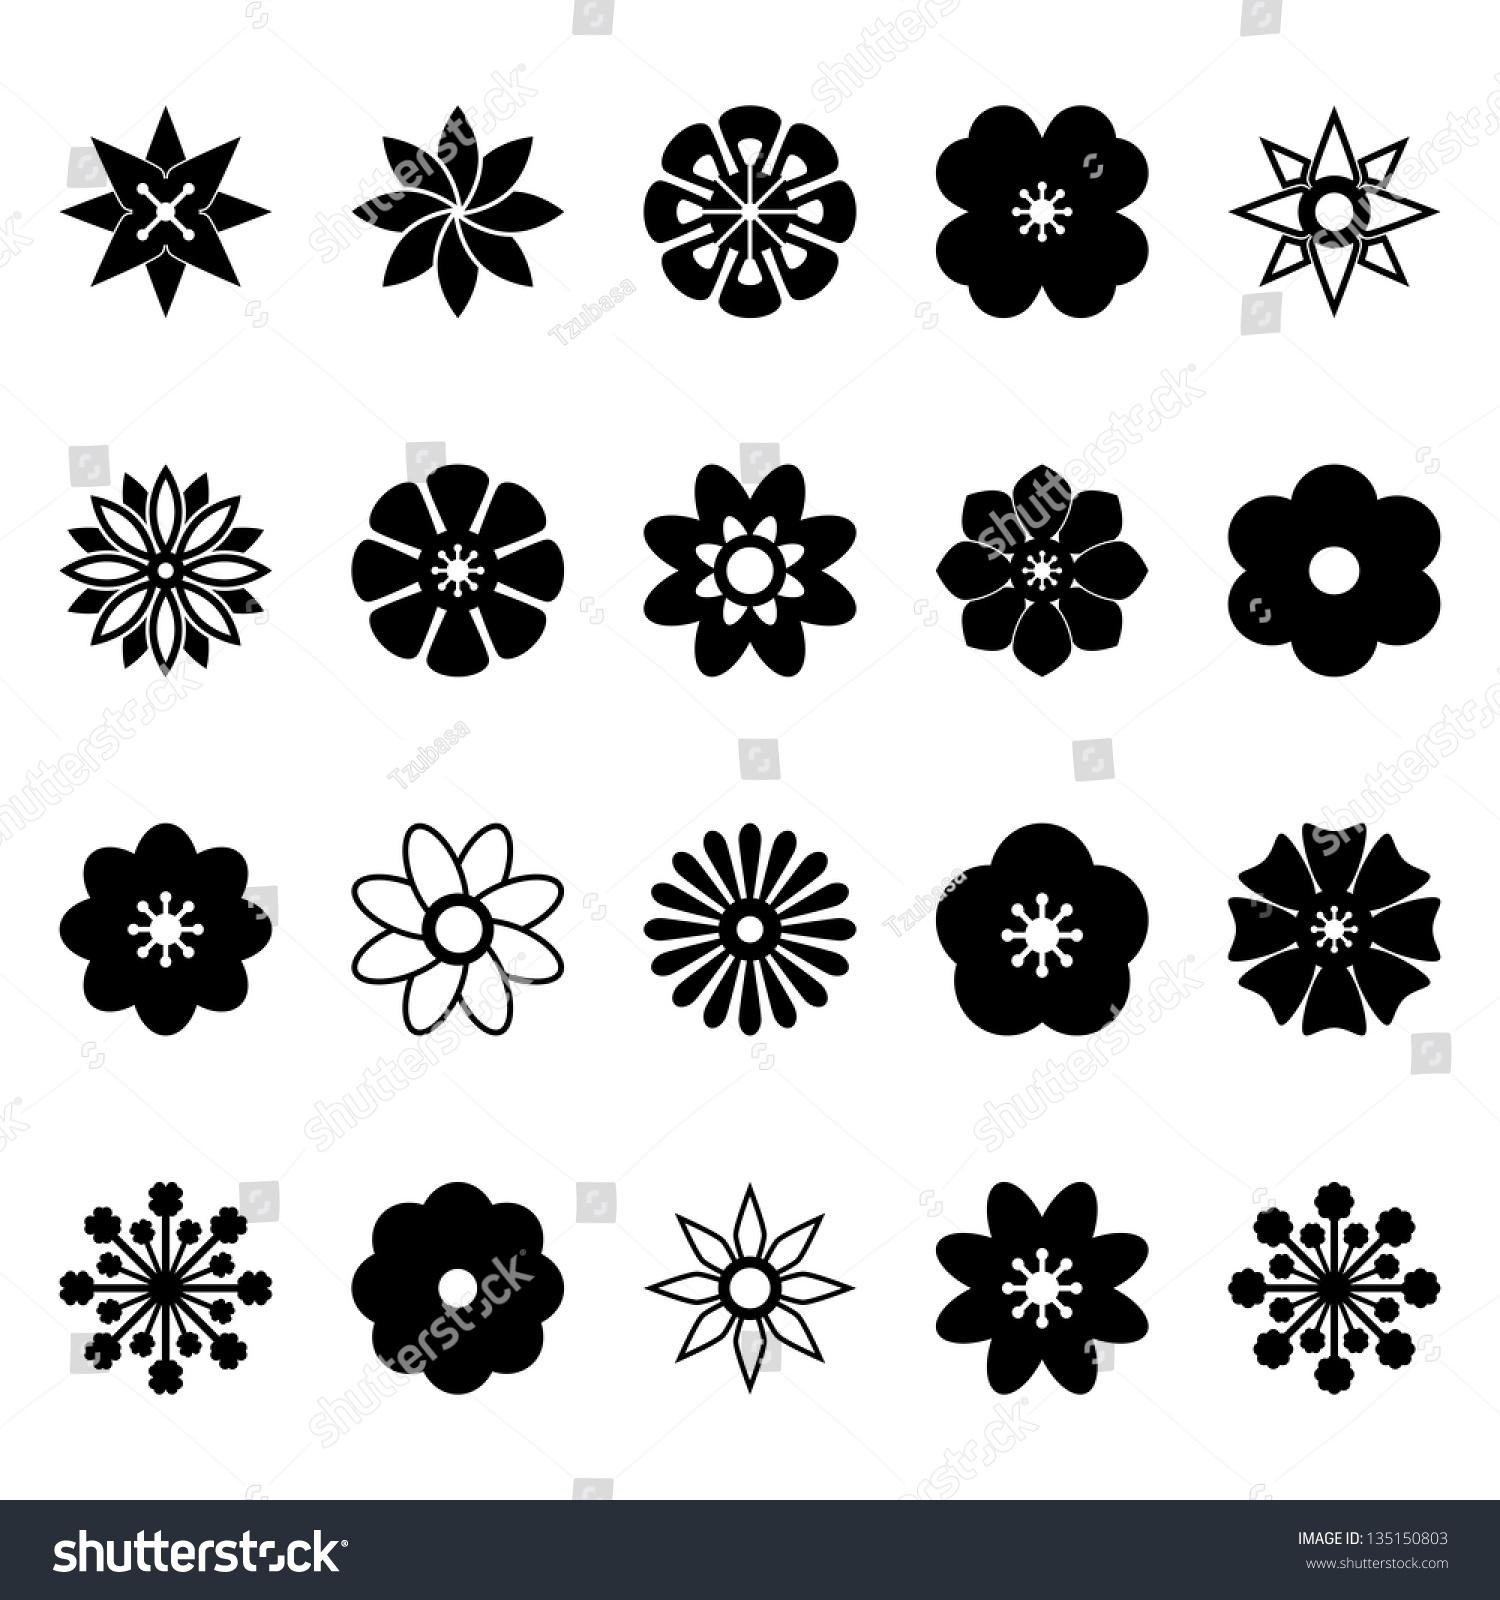 Flower Vector Black White Stock Vector 135150803 - Shutterstock